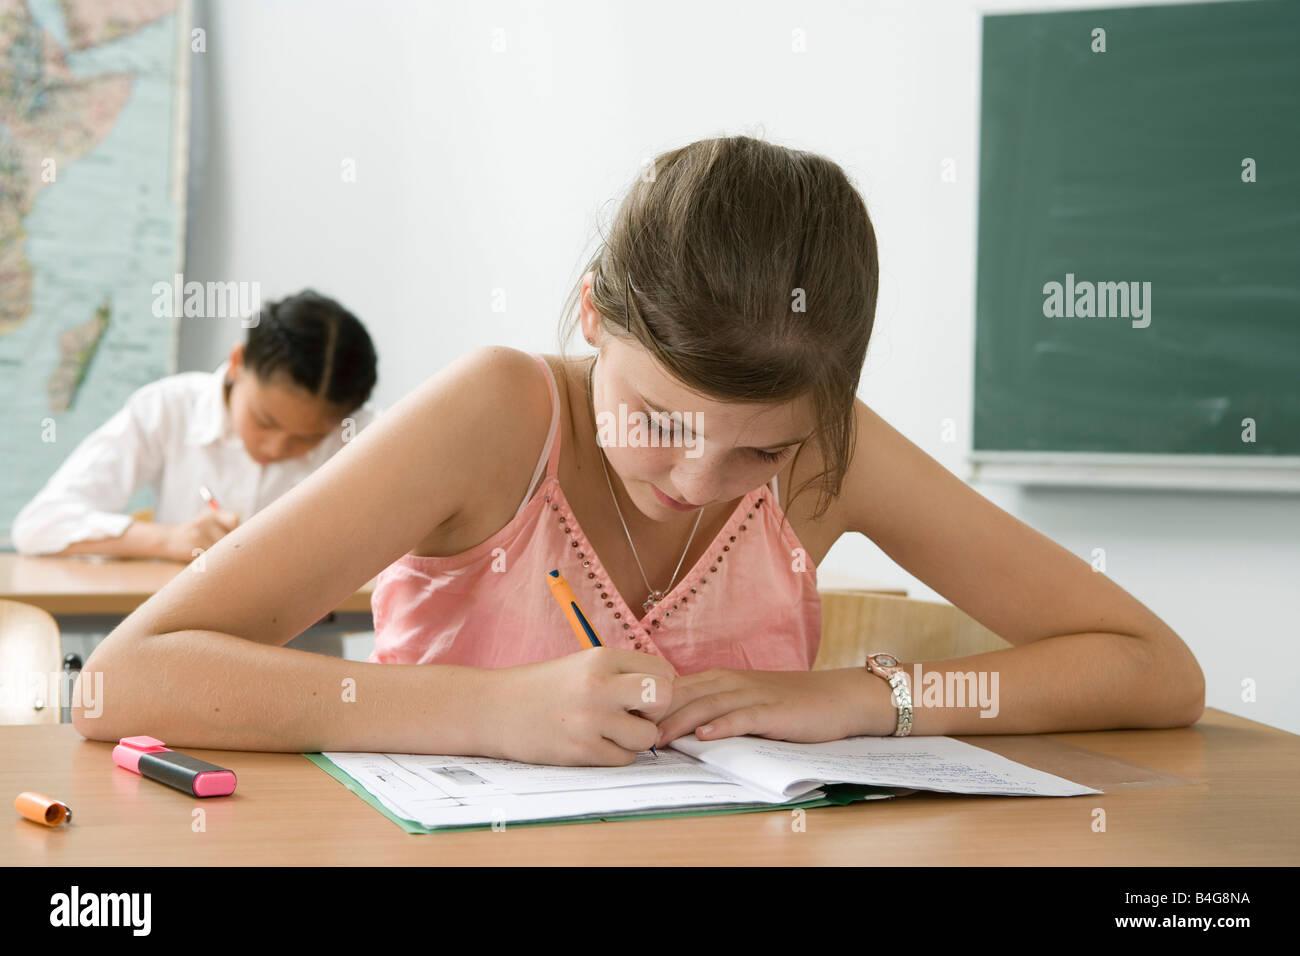 Ein 10-13 Mädchen studieren in einem Klassenzimmer Stockbild